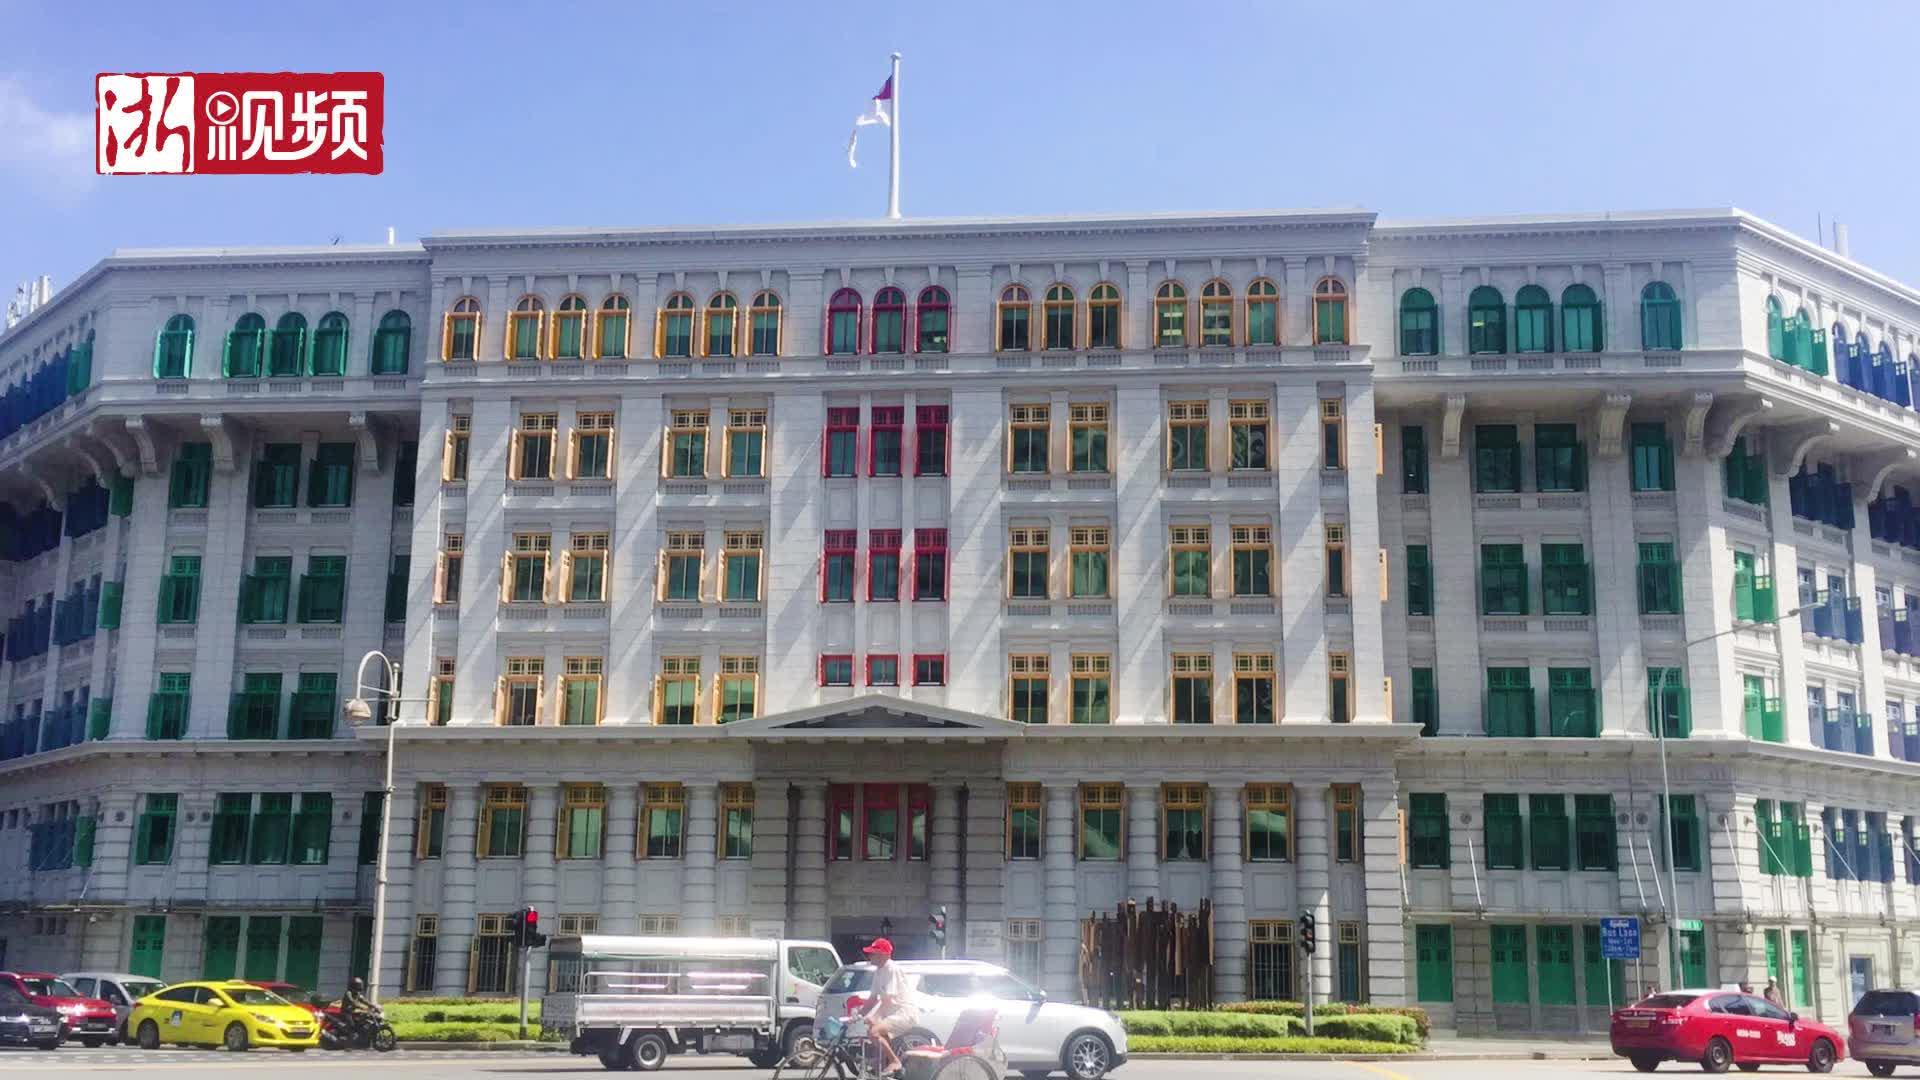 色彩斑斓的建筑竟是警察局